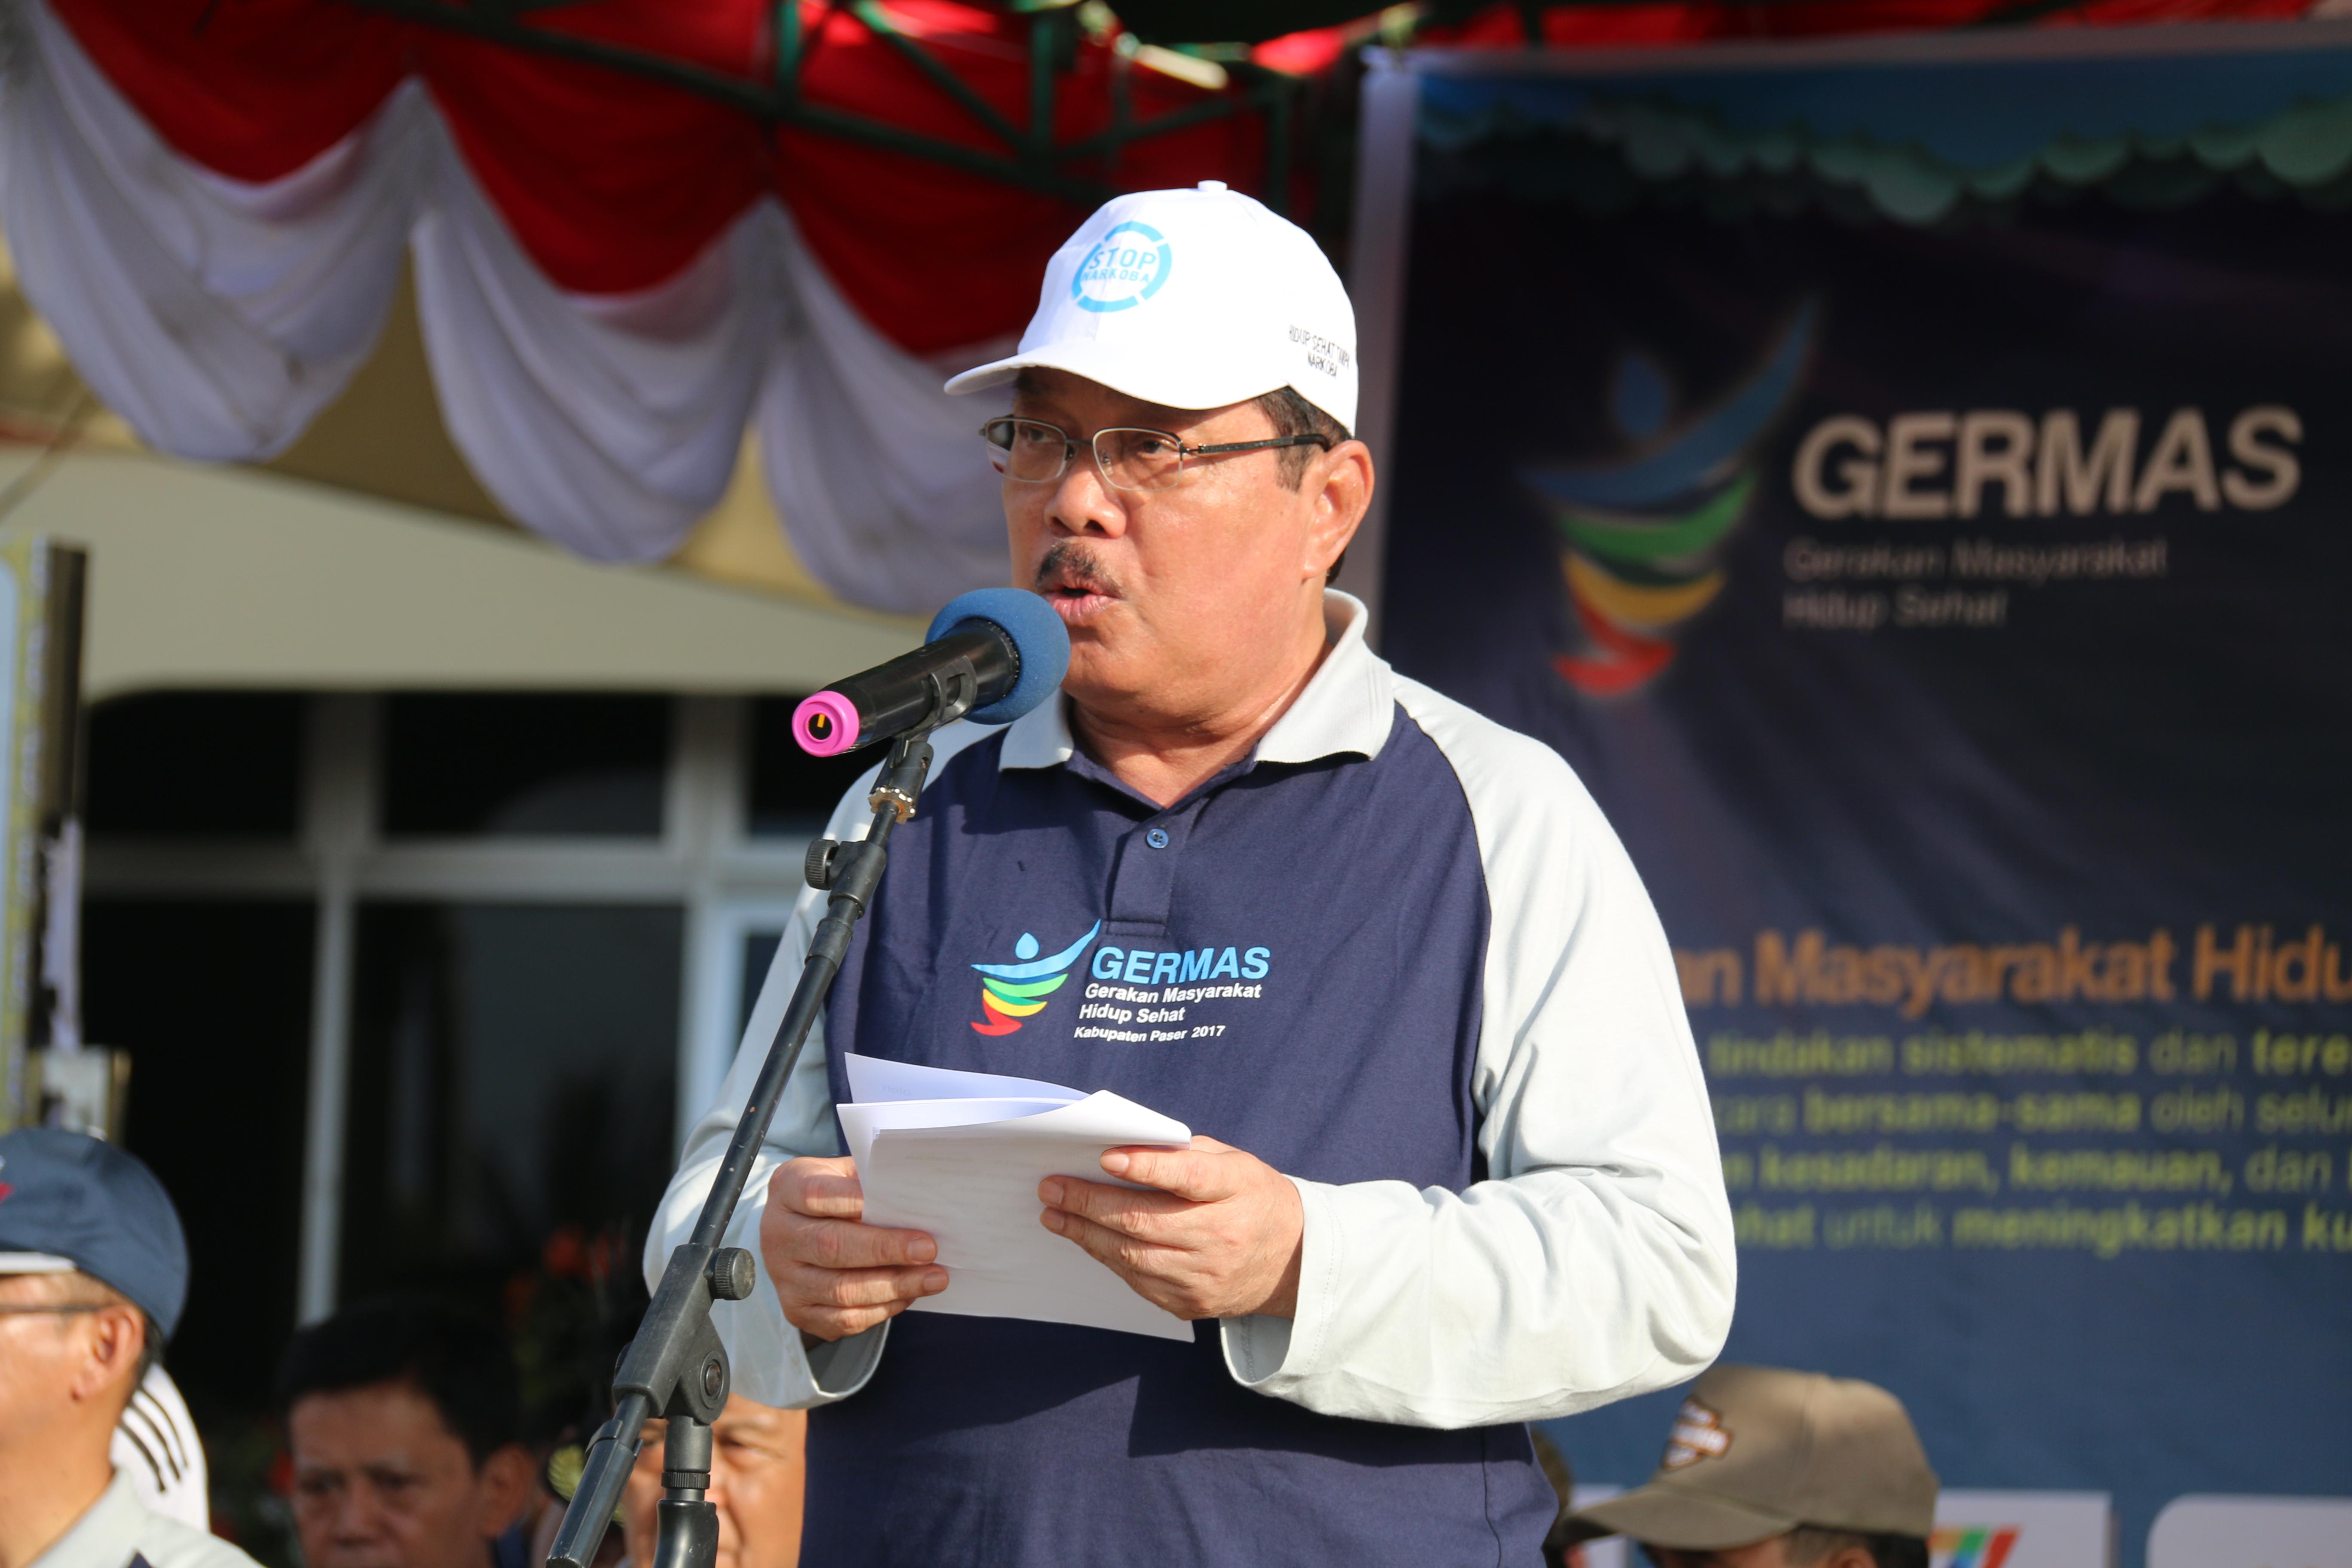 Bupati Paser saat memberikan sambutan pada acara Pencanangan Germas Hidup Sehat Kab. Paser 2017